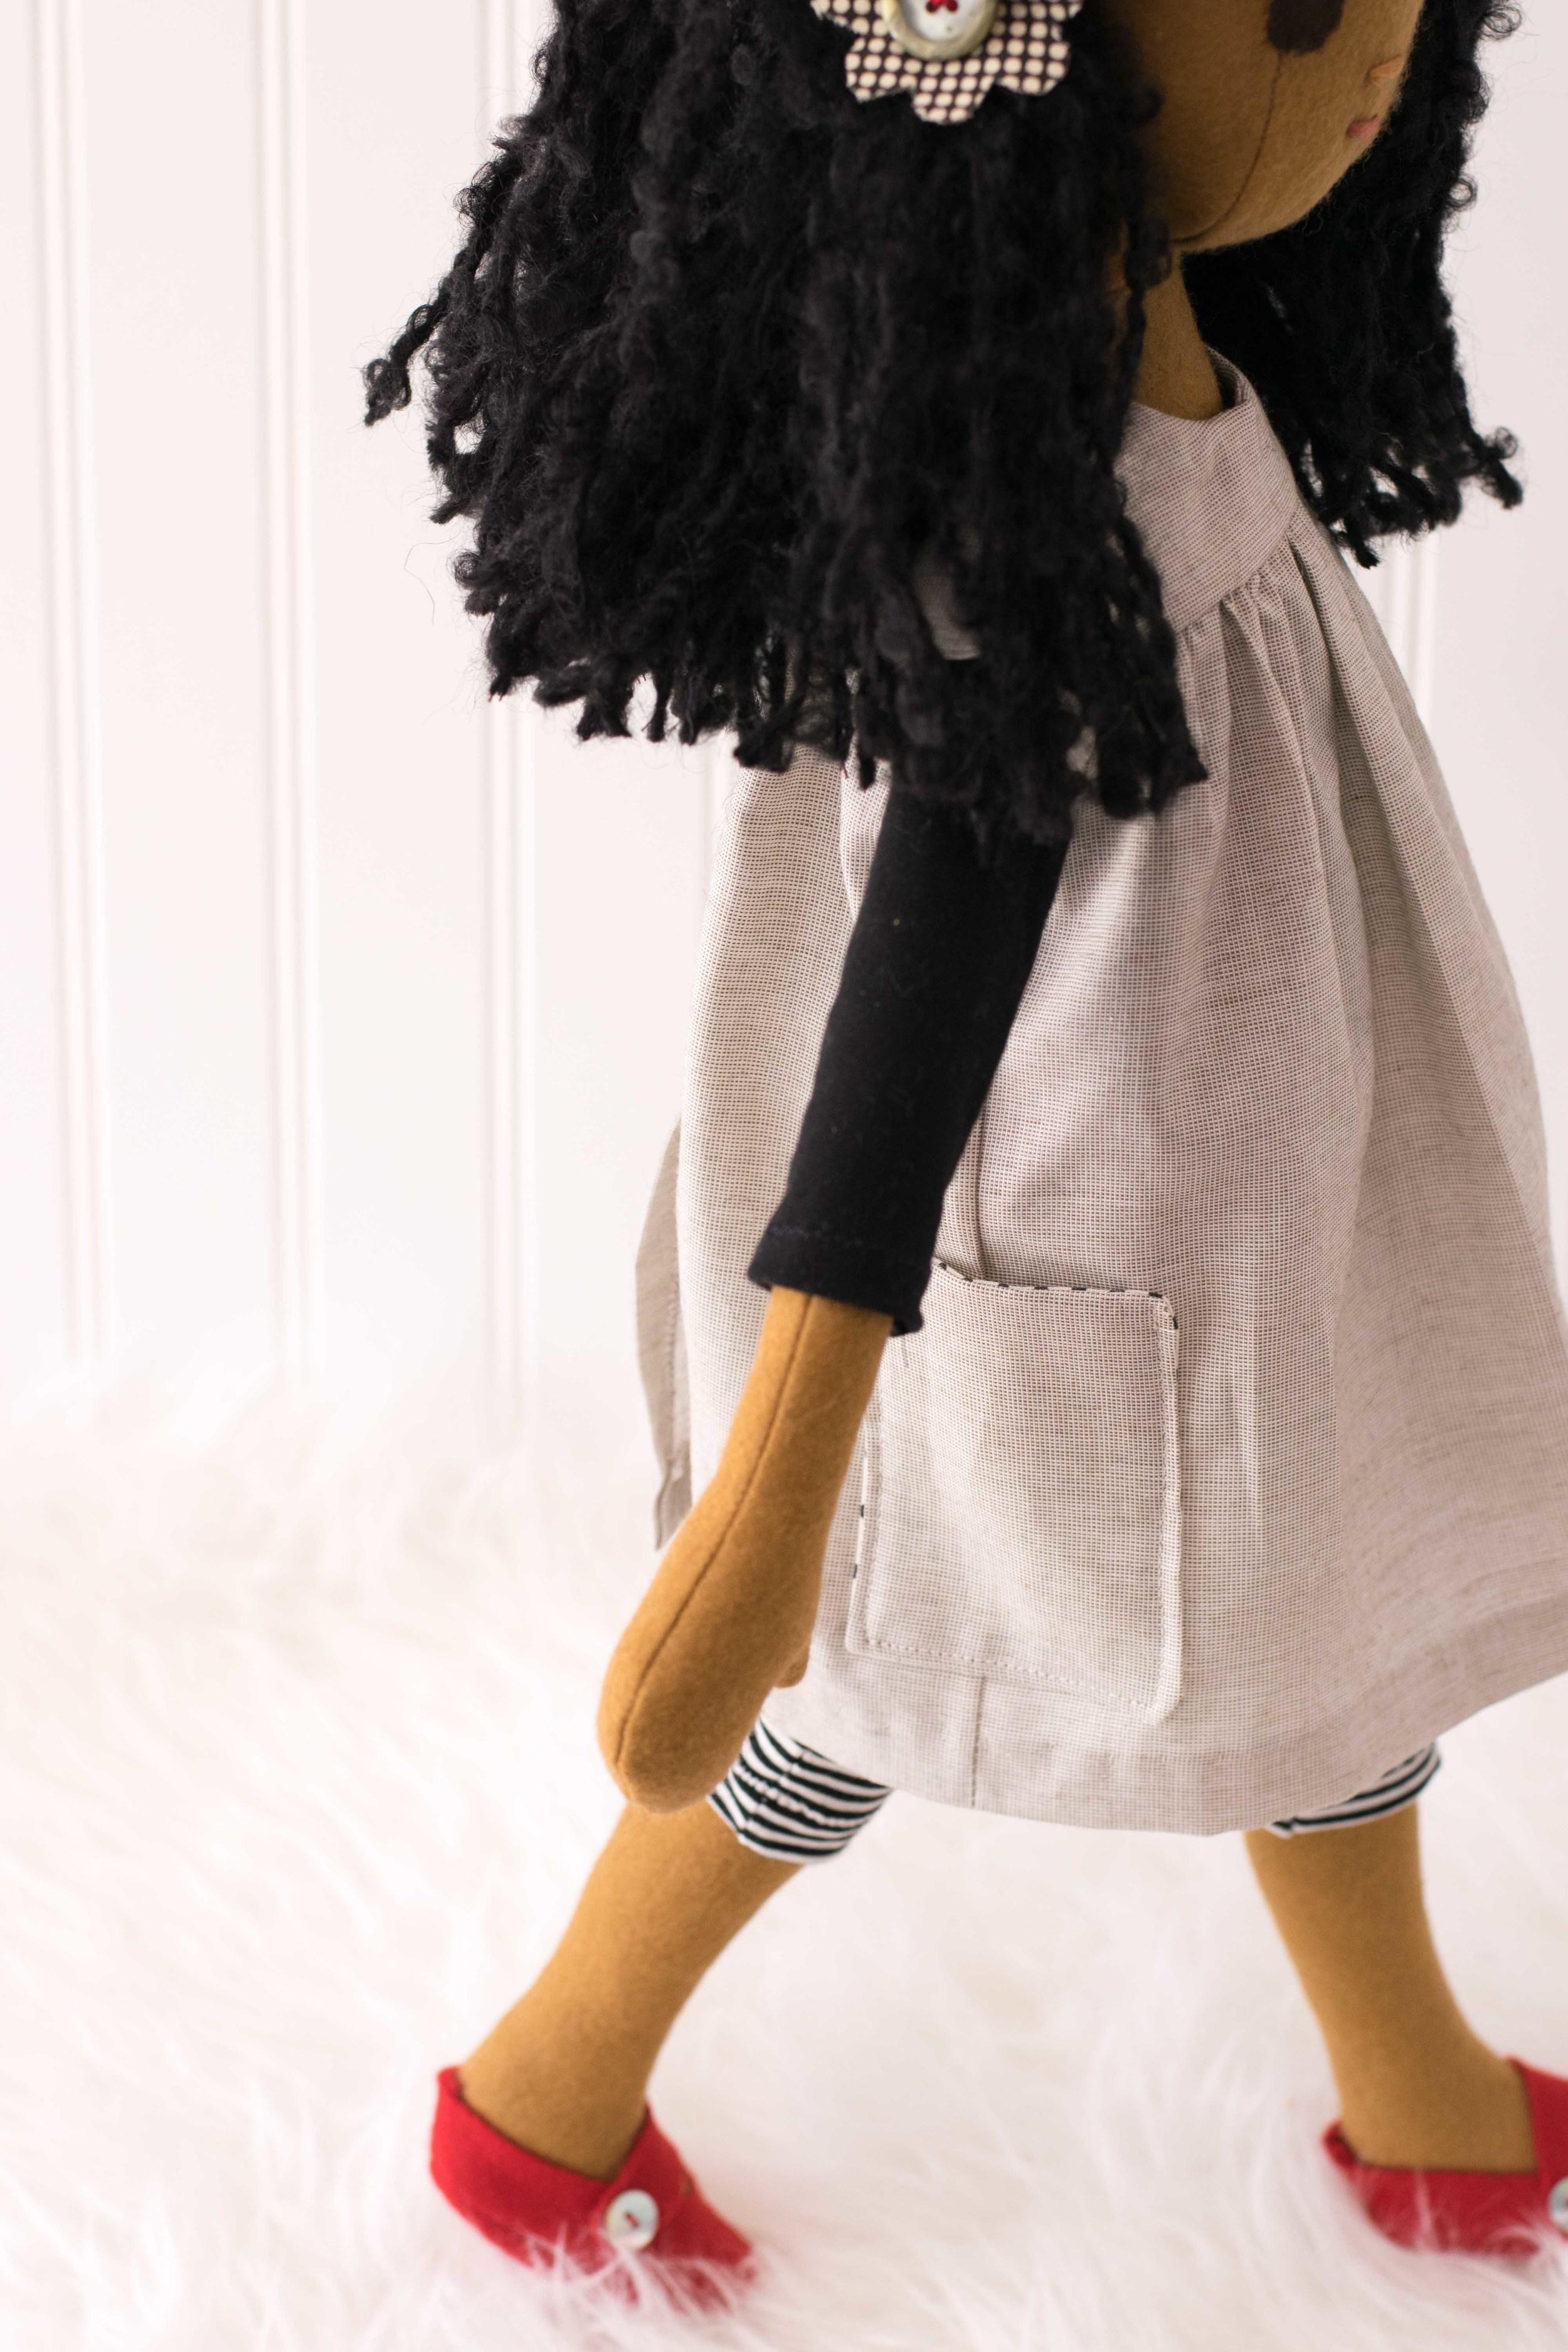 Custom Artist Doll